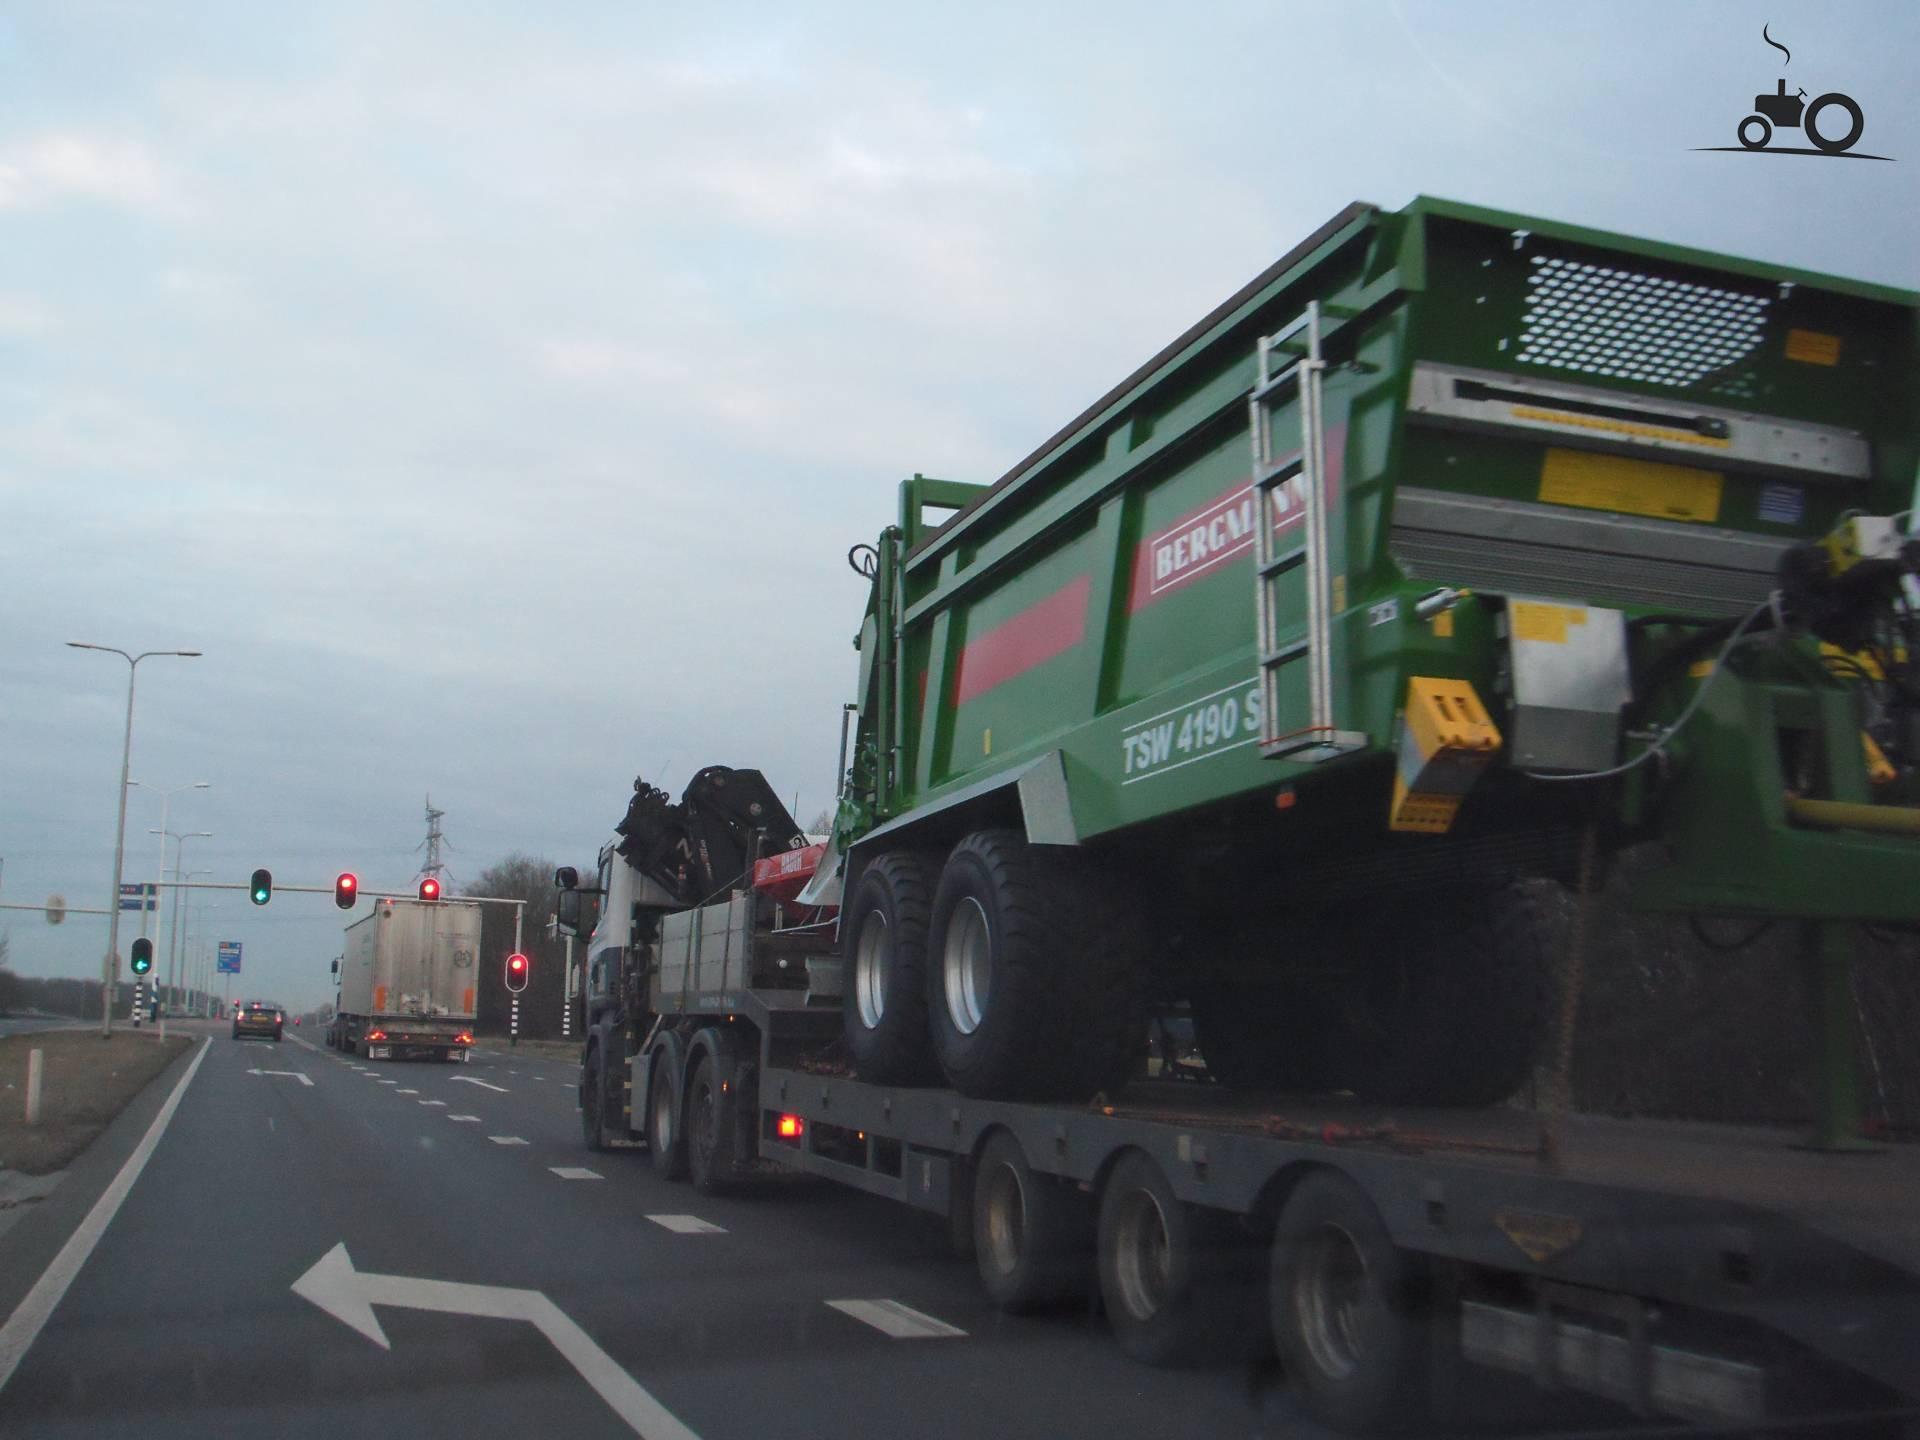 Bergmann Mestverspreider van dickt Druk bezig met poseren..